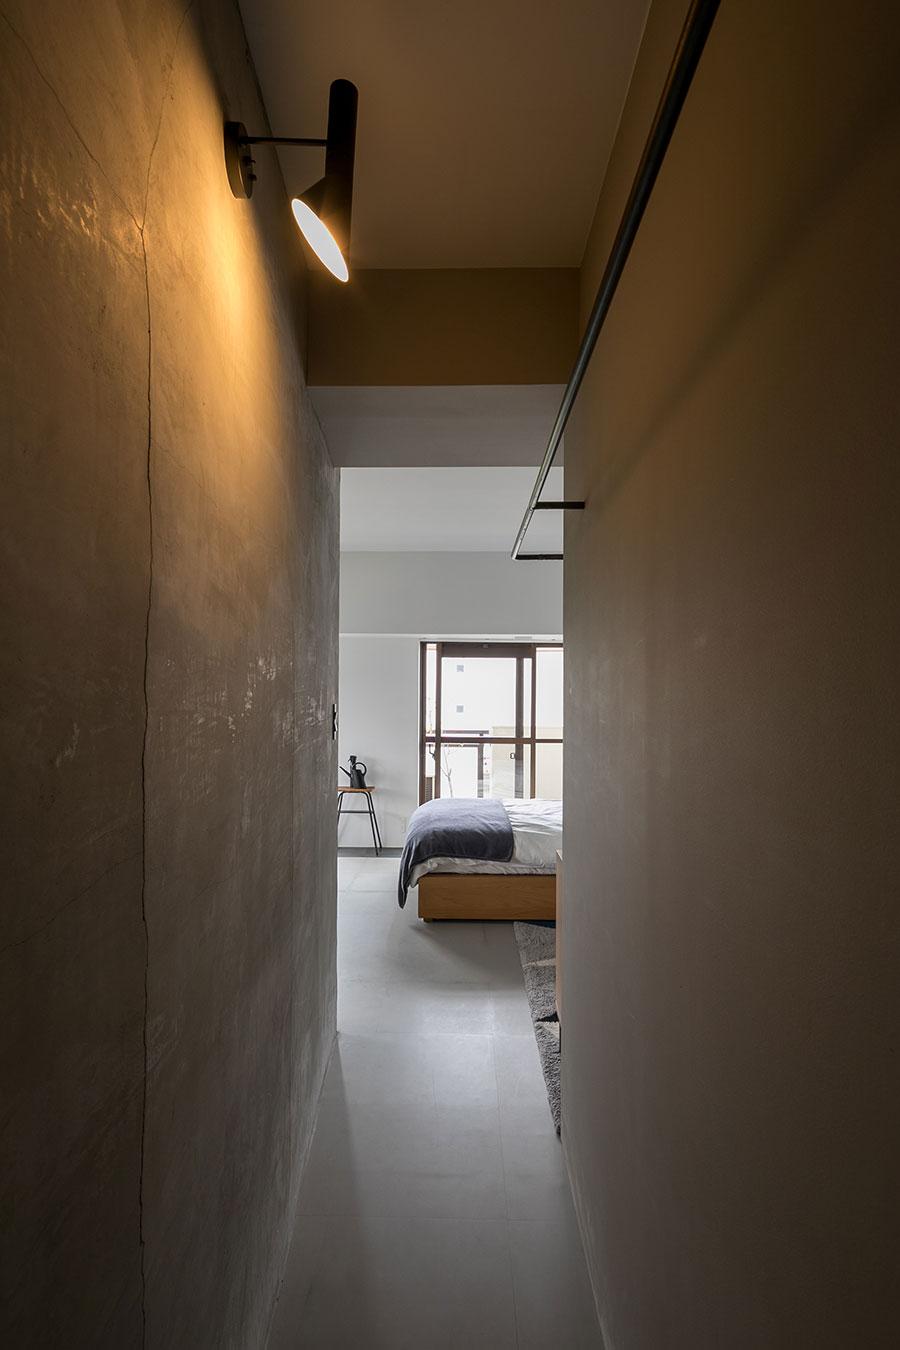 斜めの壁の裏側を通ってグルリと回遊できる。右側が浴室。ブラケットライトはアルネ・ヤコブセン。